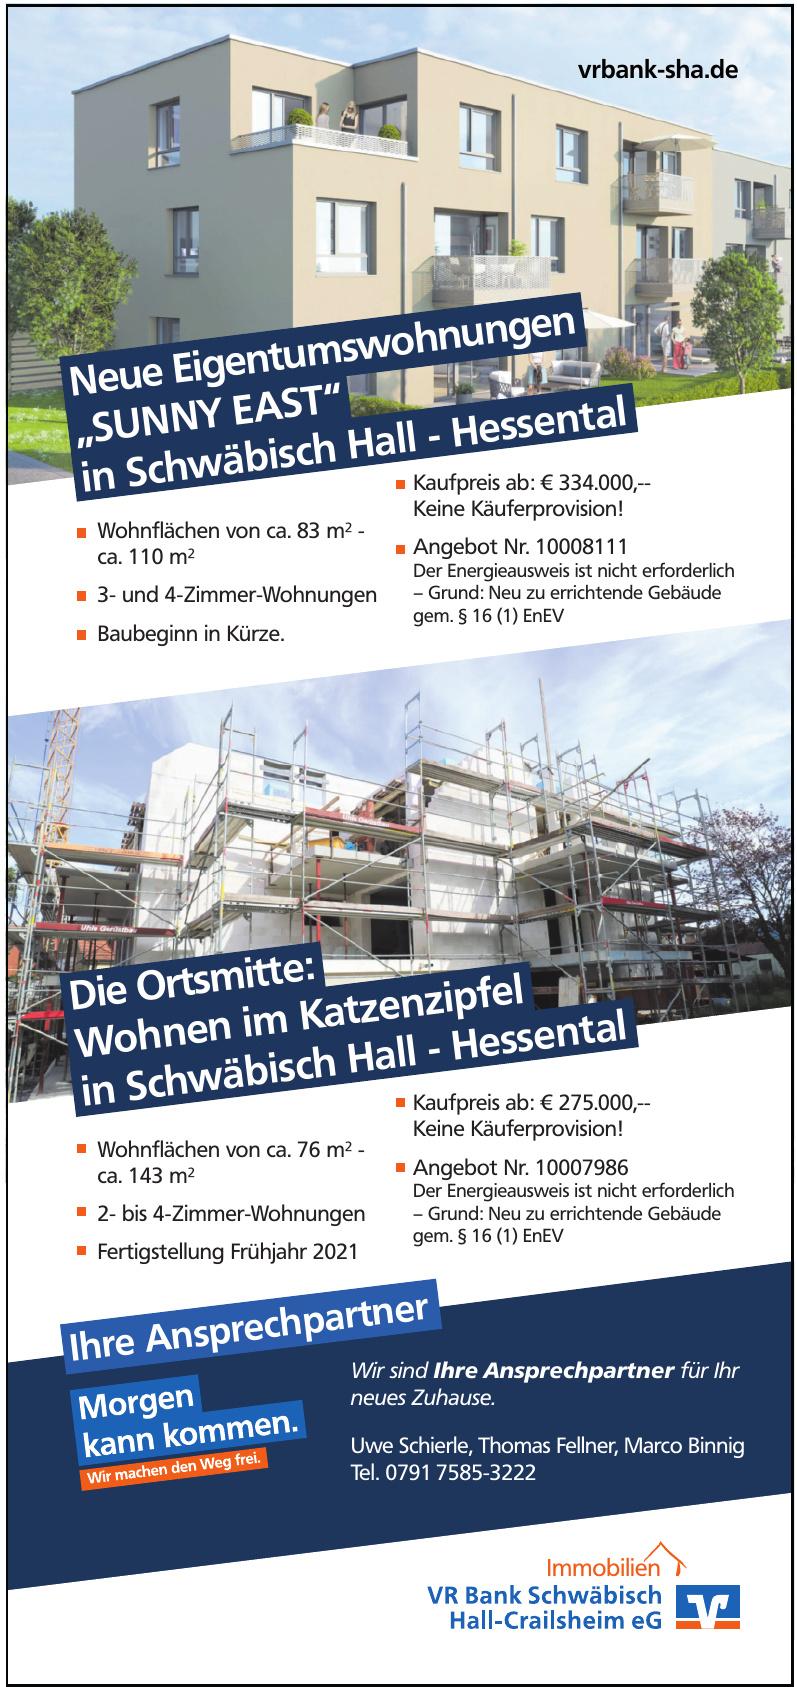 VR Bank Schwäbisch Hall-Grailsheim eG